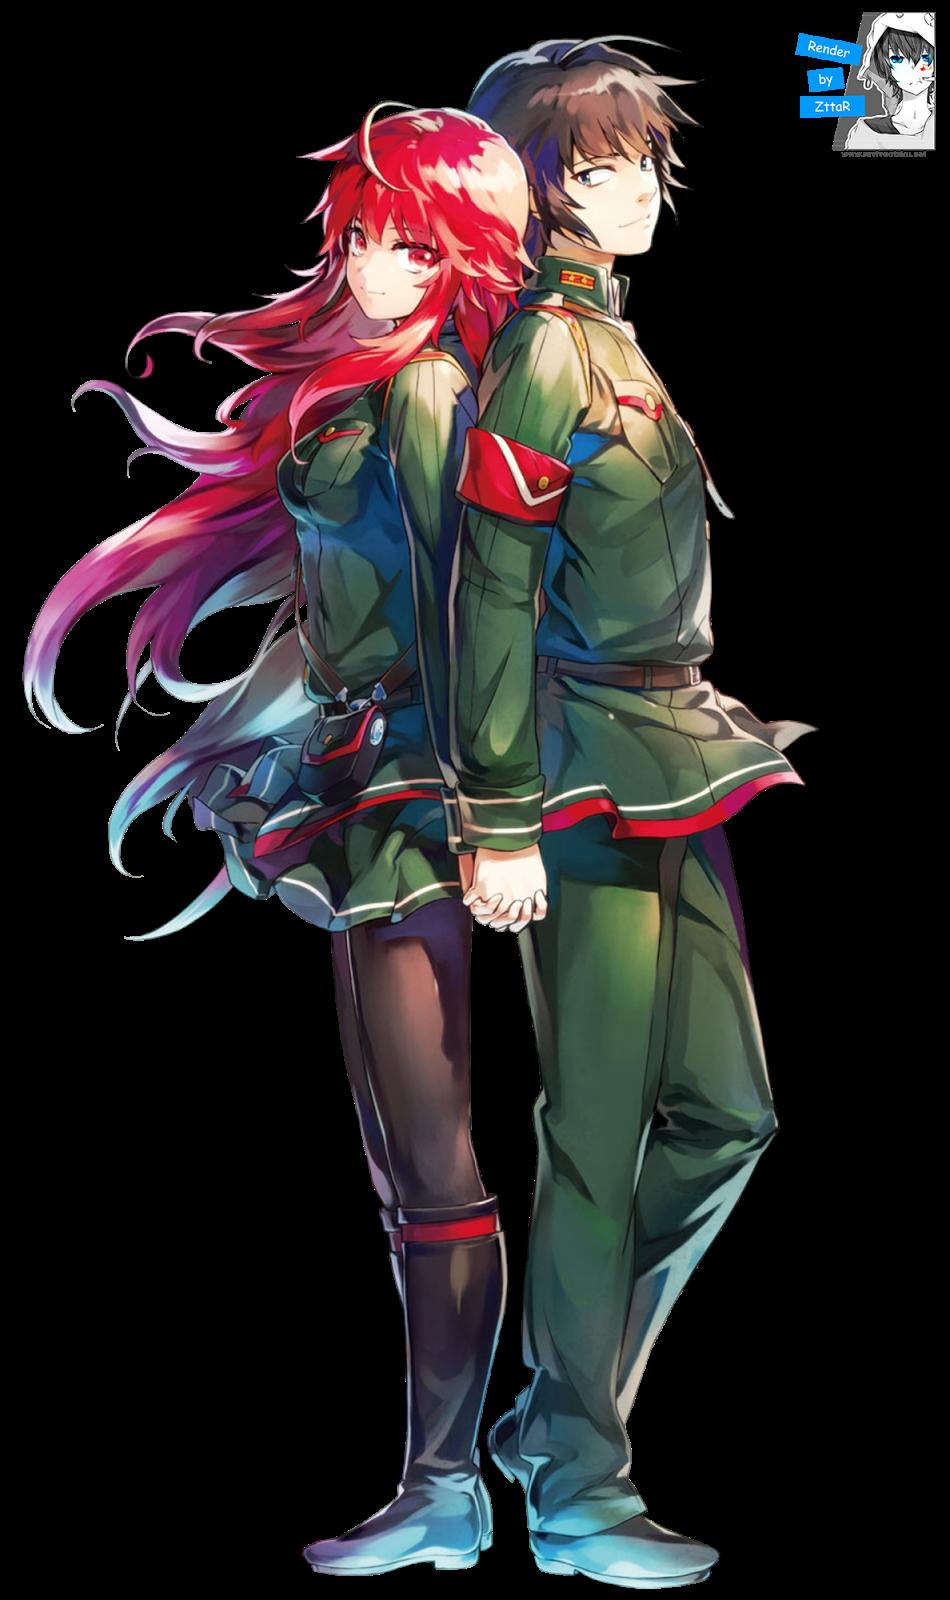 Render Igsem Yatorishino & Solork Ikta